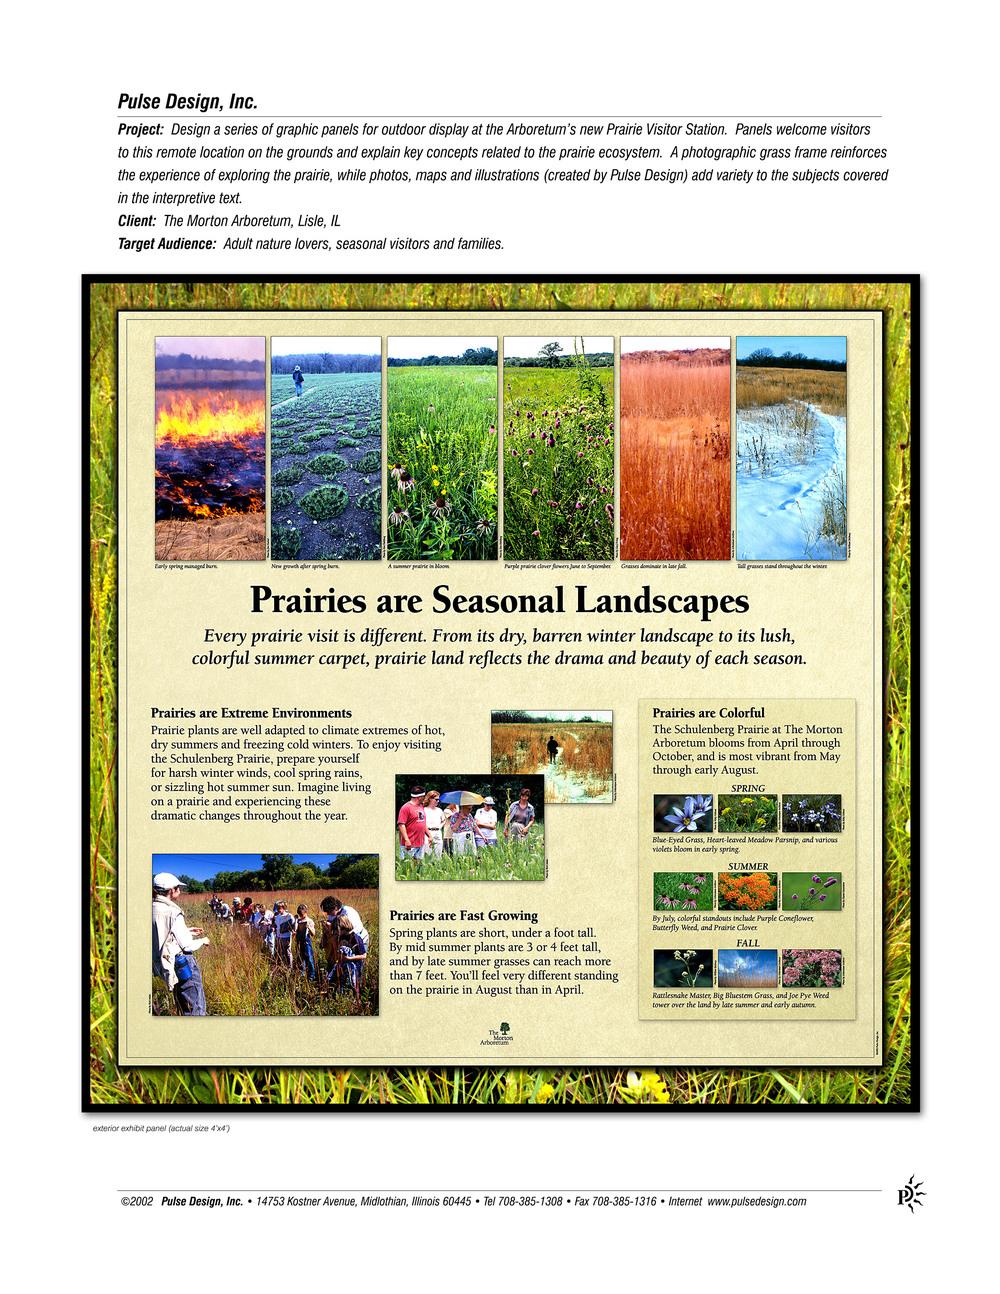 Morton-Arboretum-Prairie-1L-Trail-Sign-Pulse-Design-Inc.jpg